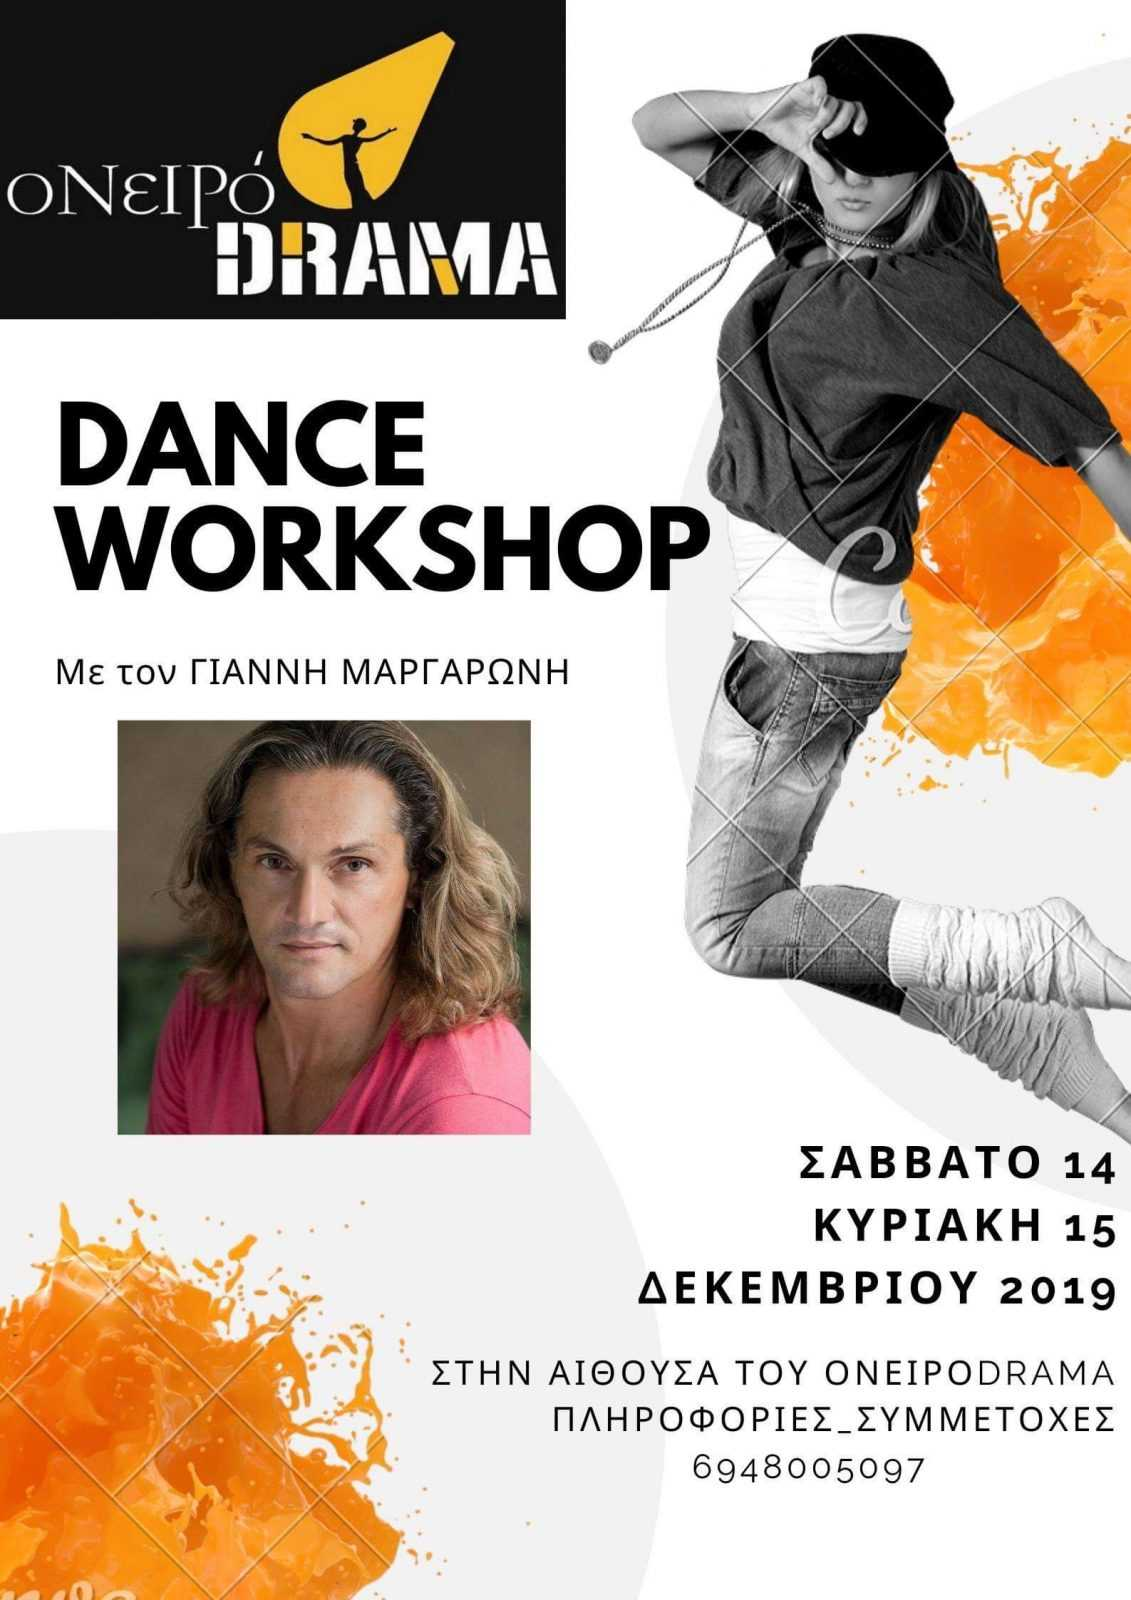 Διήμερο Εργαστήρι Χορού/Dance Workshop με τονΙωάννη Μαργαρώνη, χορογράφο-χορευτή Από το ONEIRODRAMA